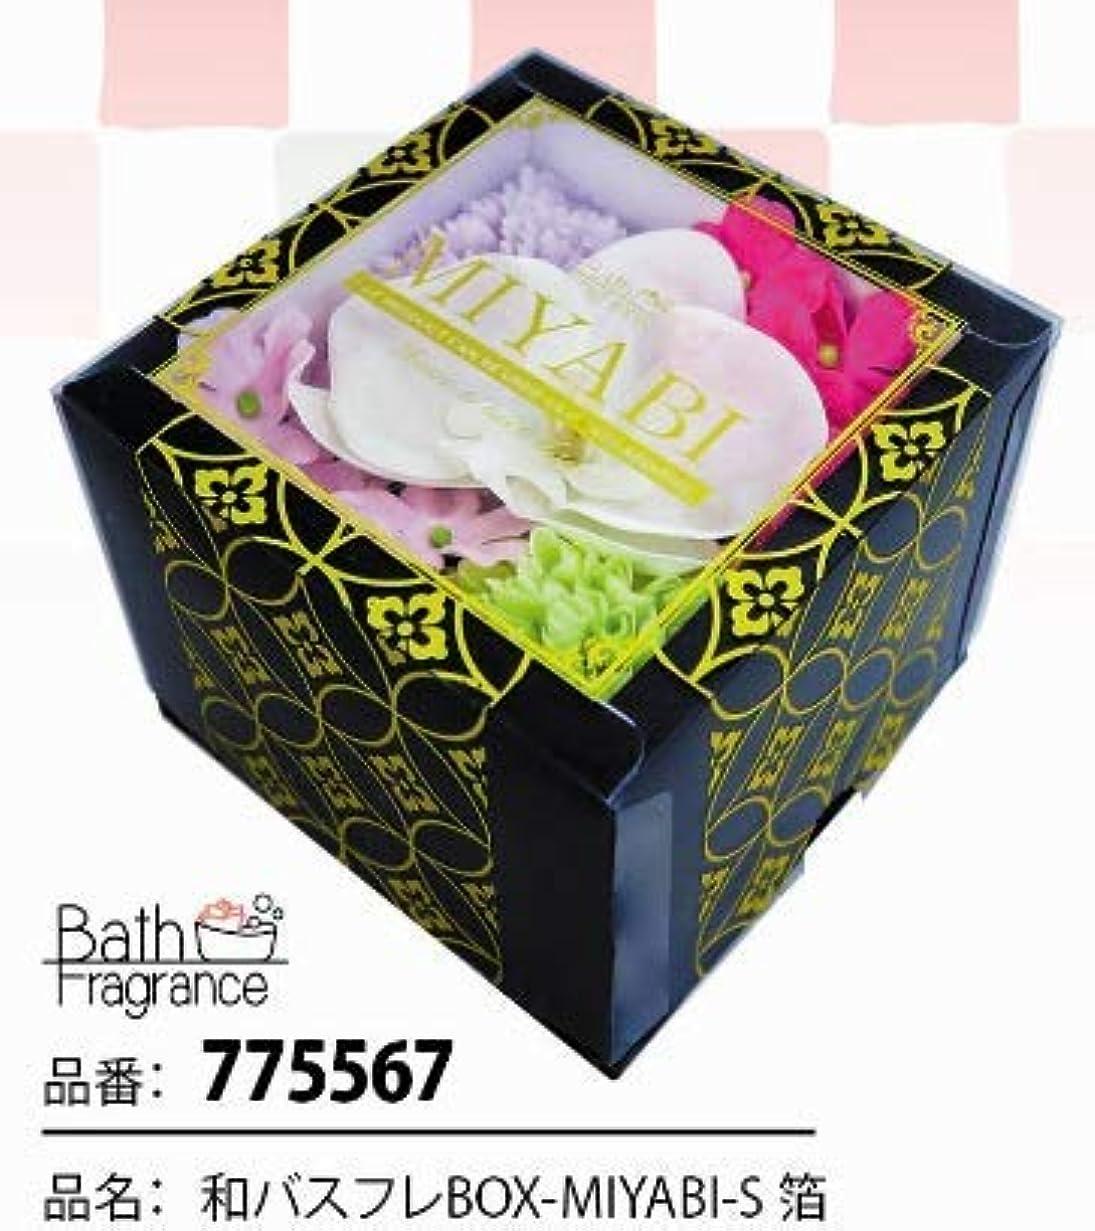 アジア人居住者味わう花のカタチの入浴剤 和バスフレBOX-MIYABI-S箔 775567